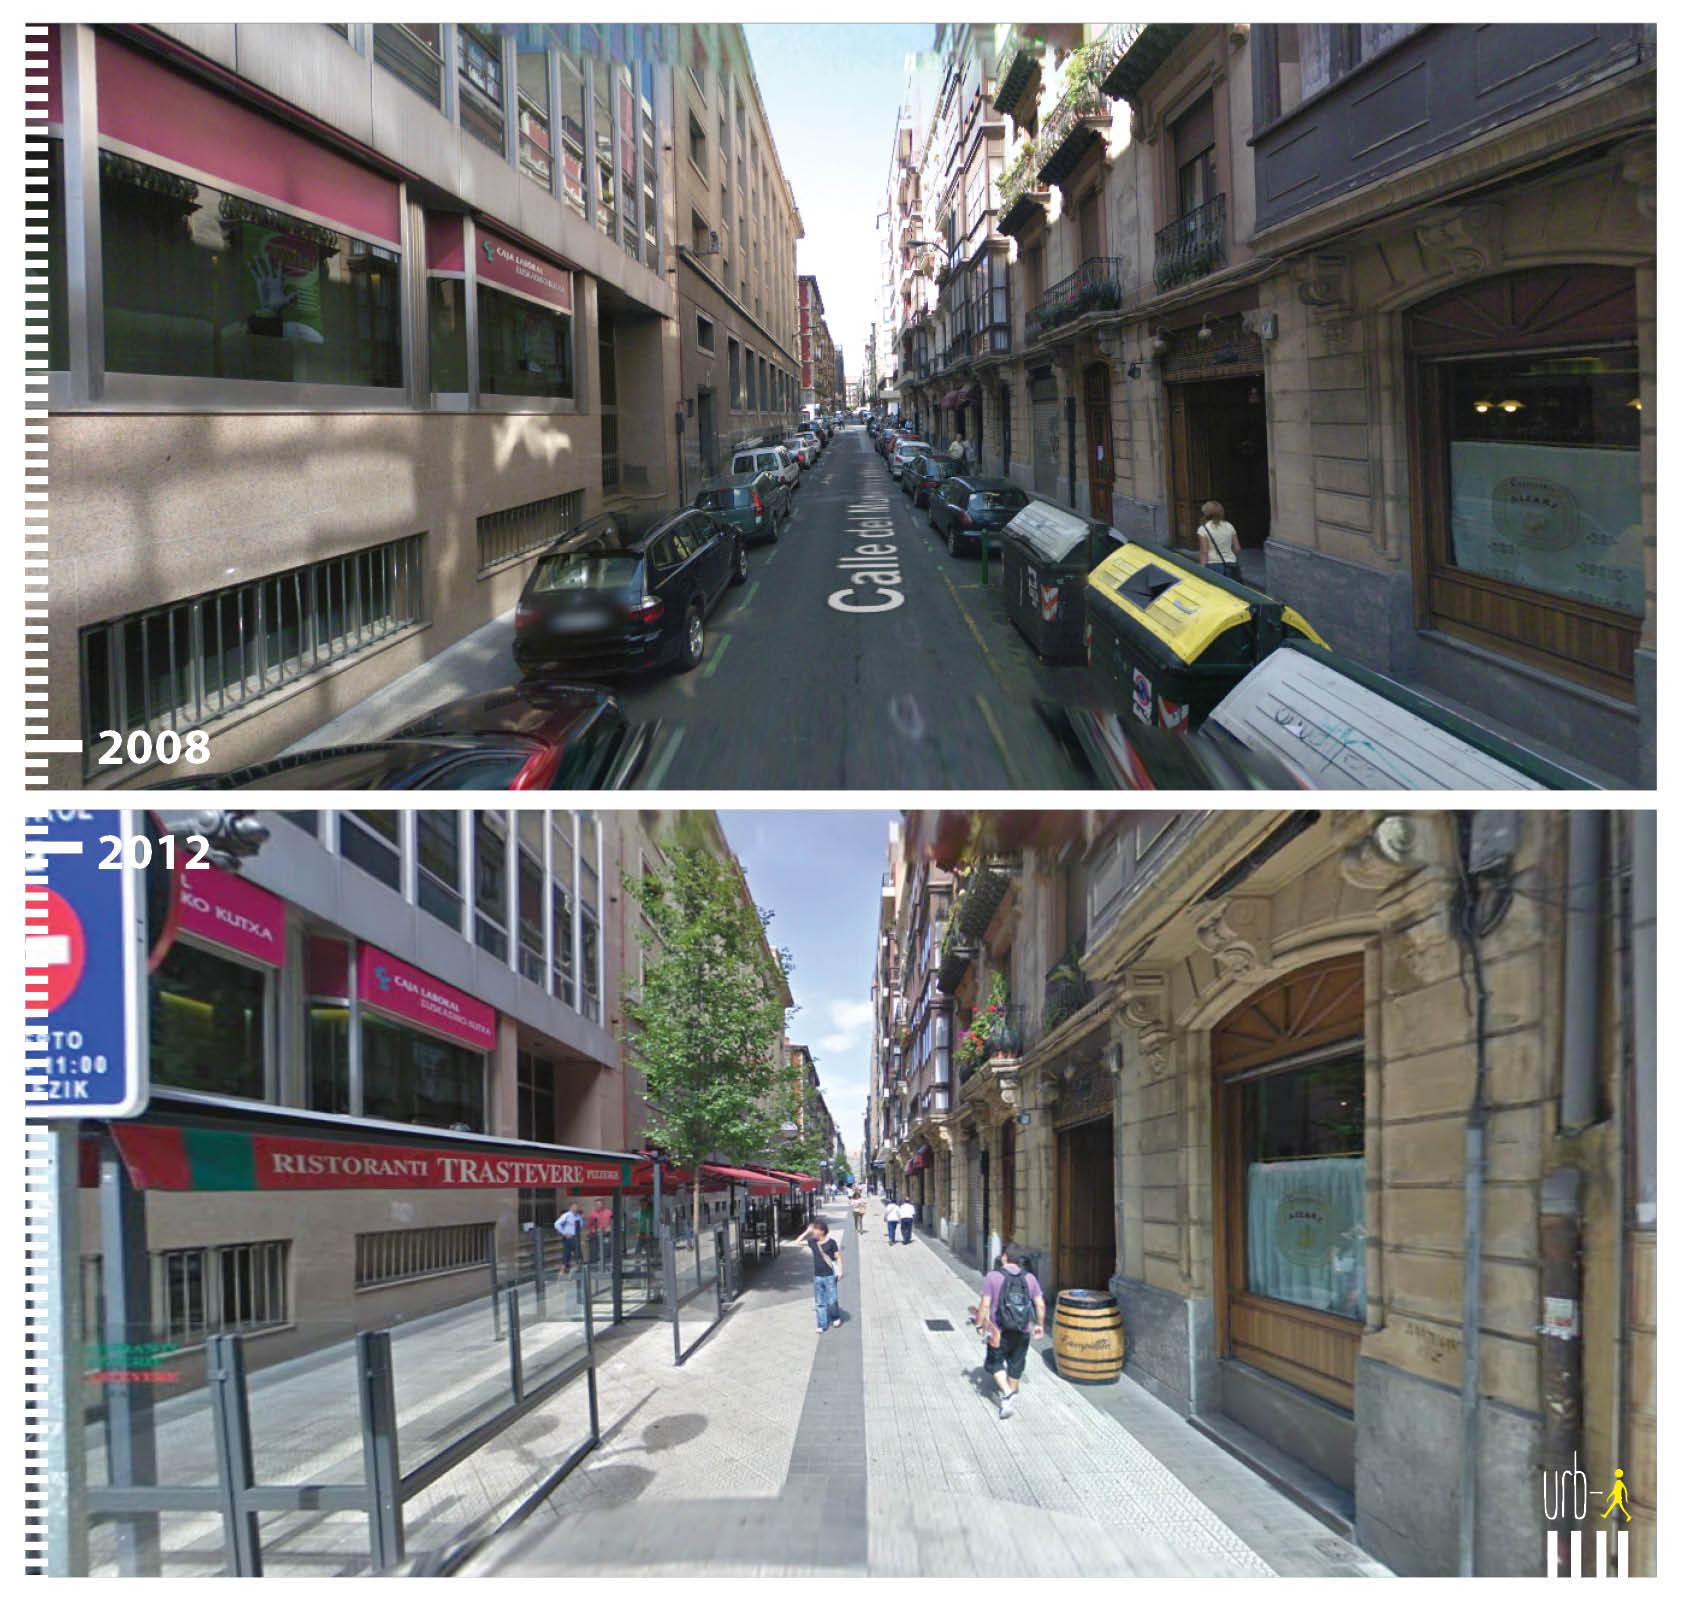 1462 ES Bilbao, Calle de Musico Ledesma